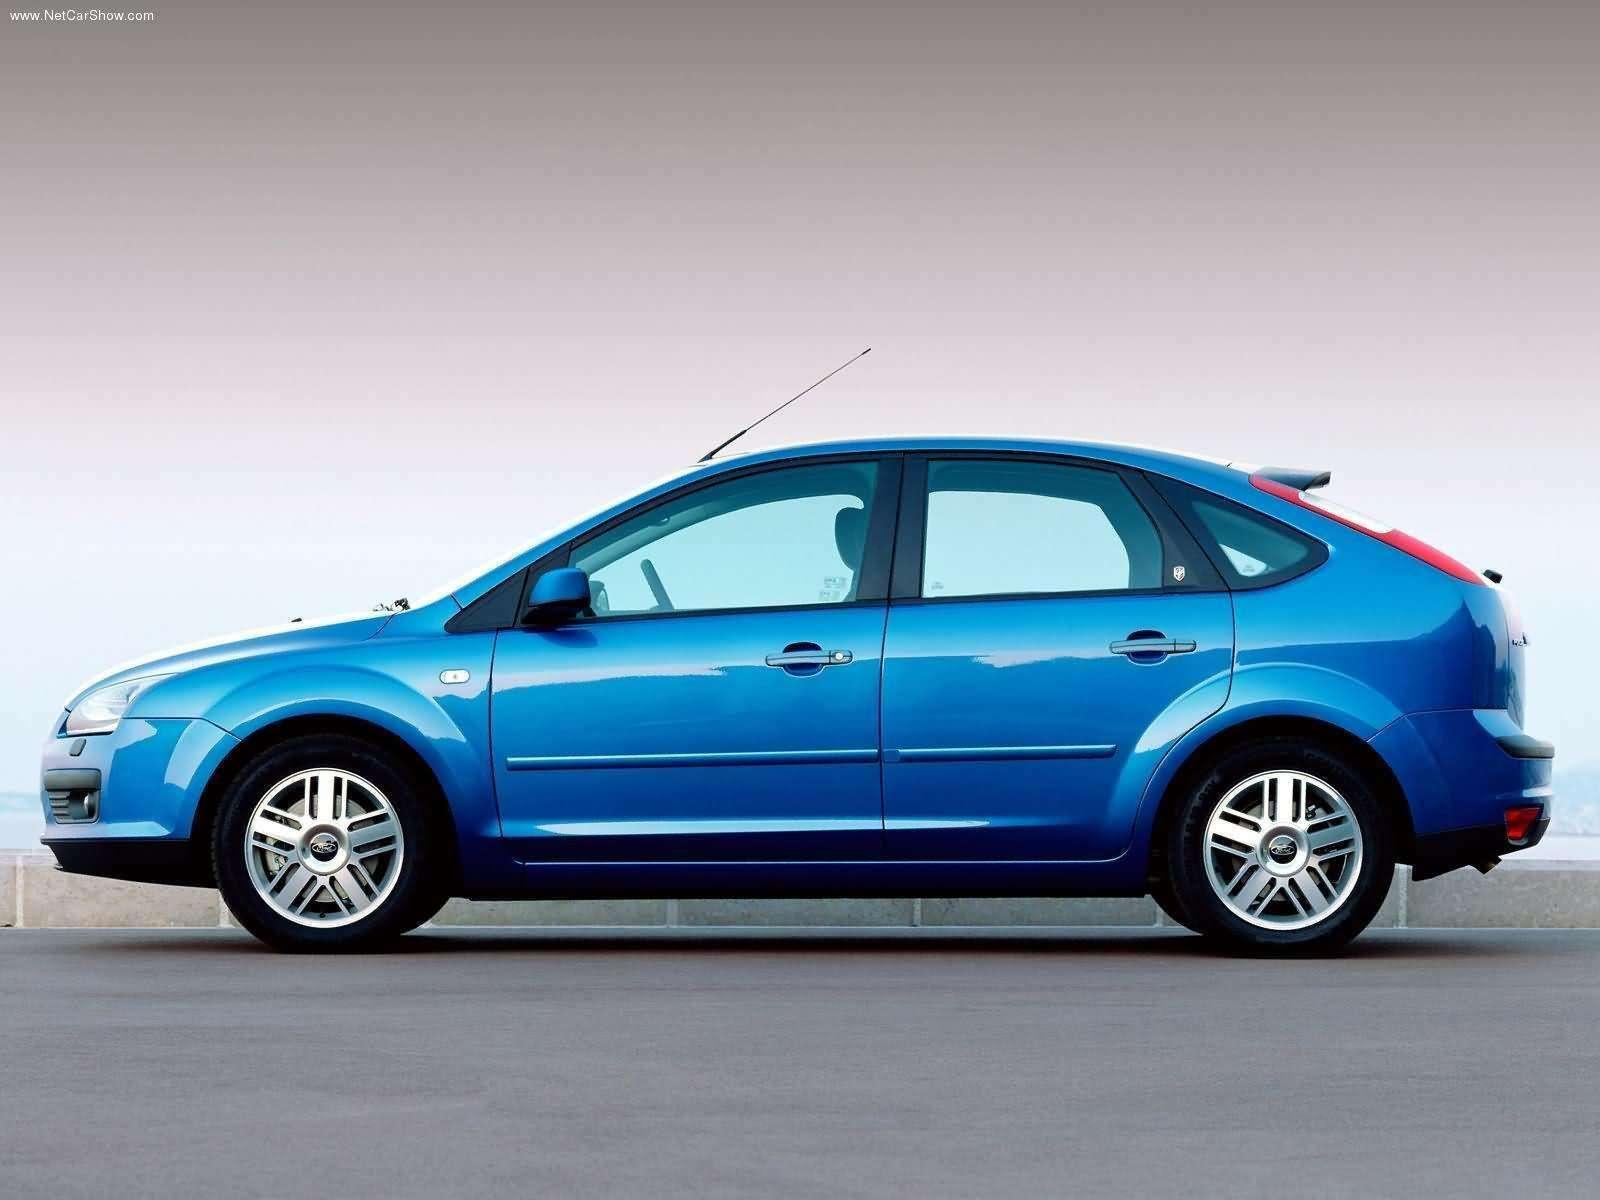 Ford-Focus_TDCi_5door_European_Version_2004_1600x1200_wallpaper_06